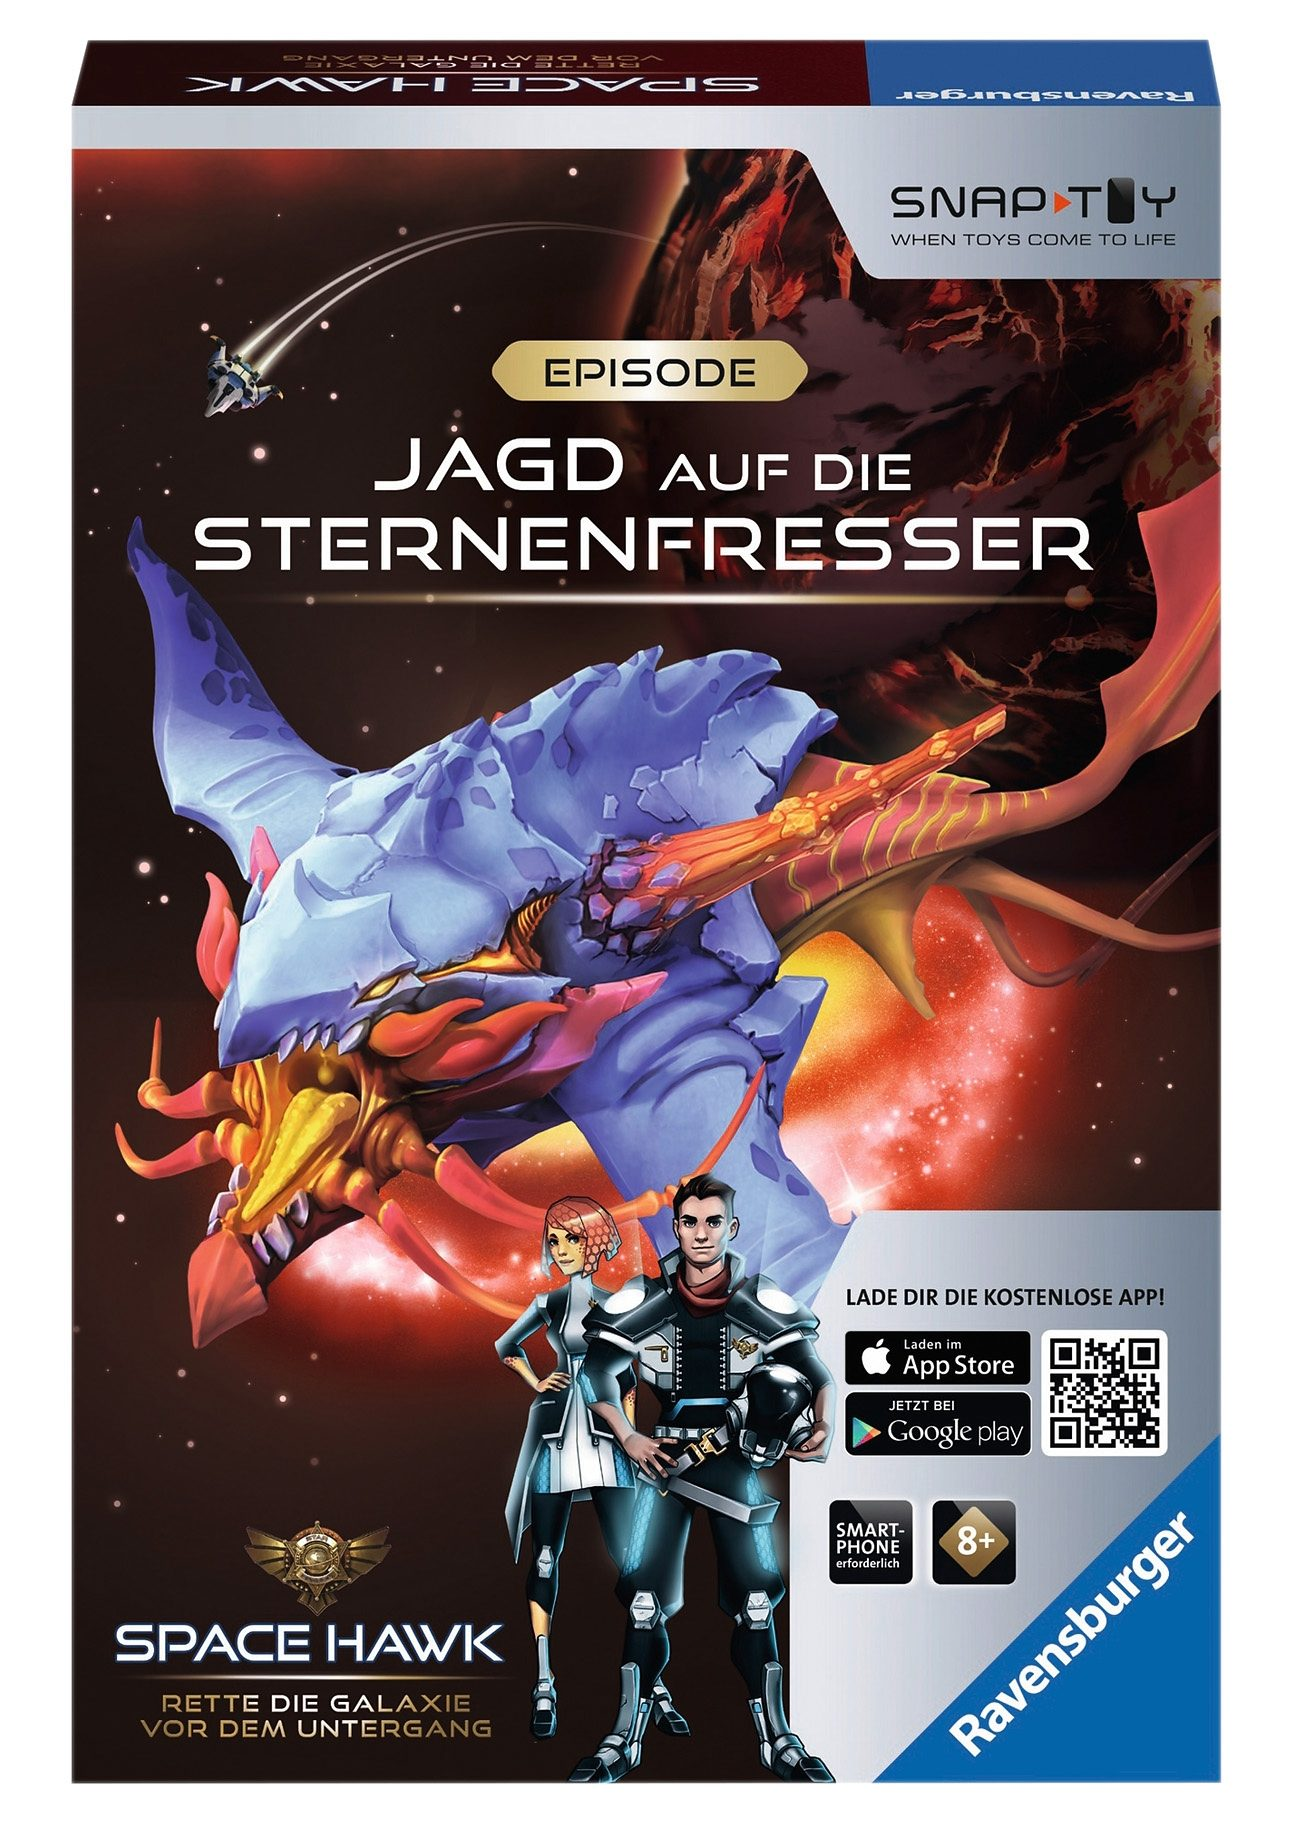 Ravensburger Hybrid Spielzeug, »Space Hawk Episode 2 - Jagd auf die Sternenfresser«